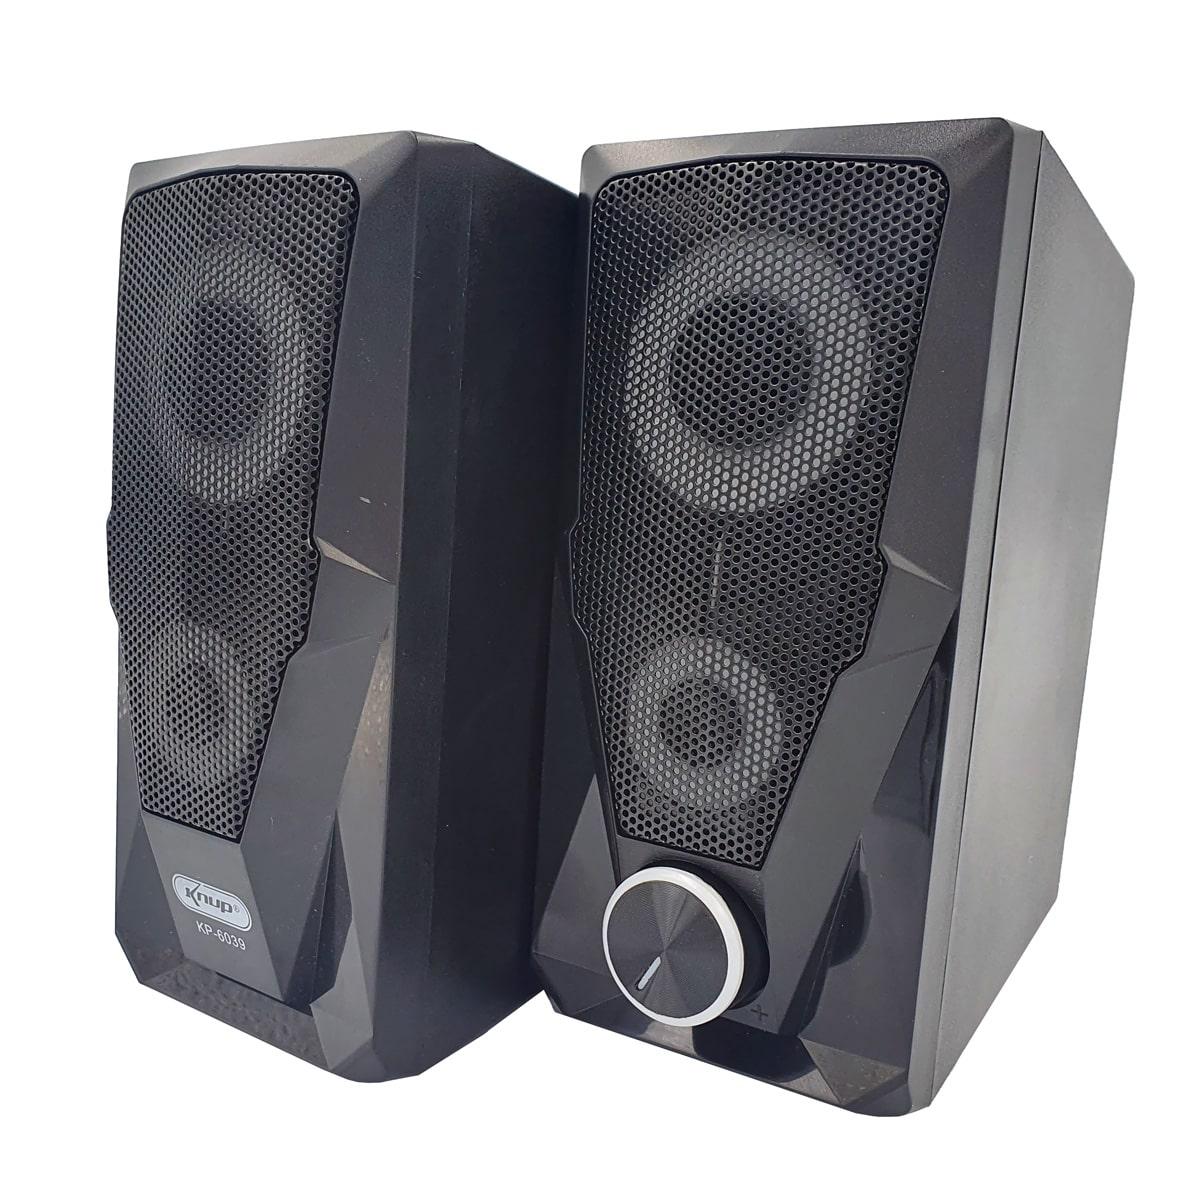 Mini Caixa de Som Alto Falante para PC KP-6039 Knup